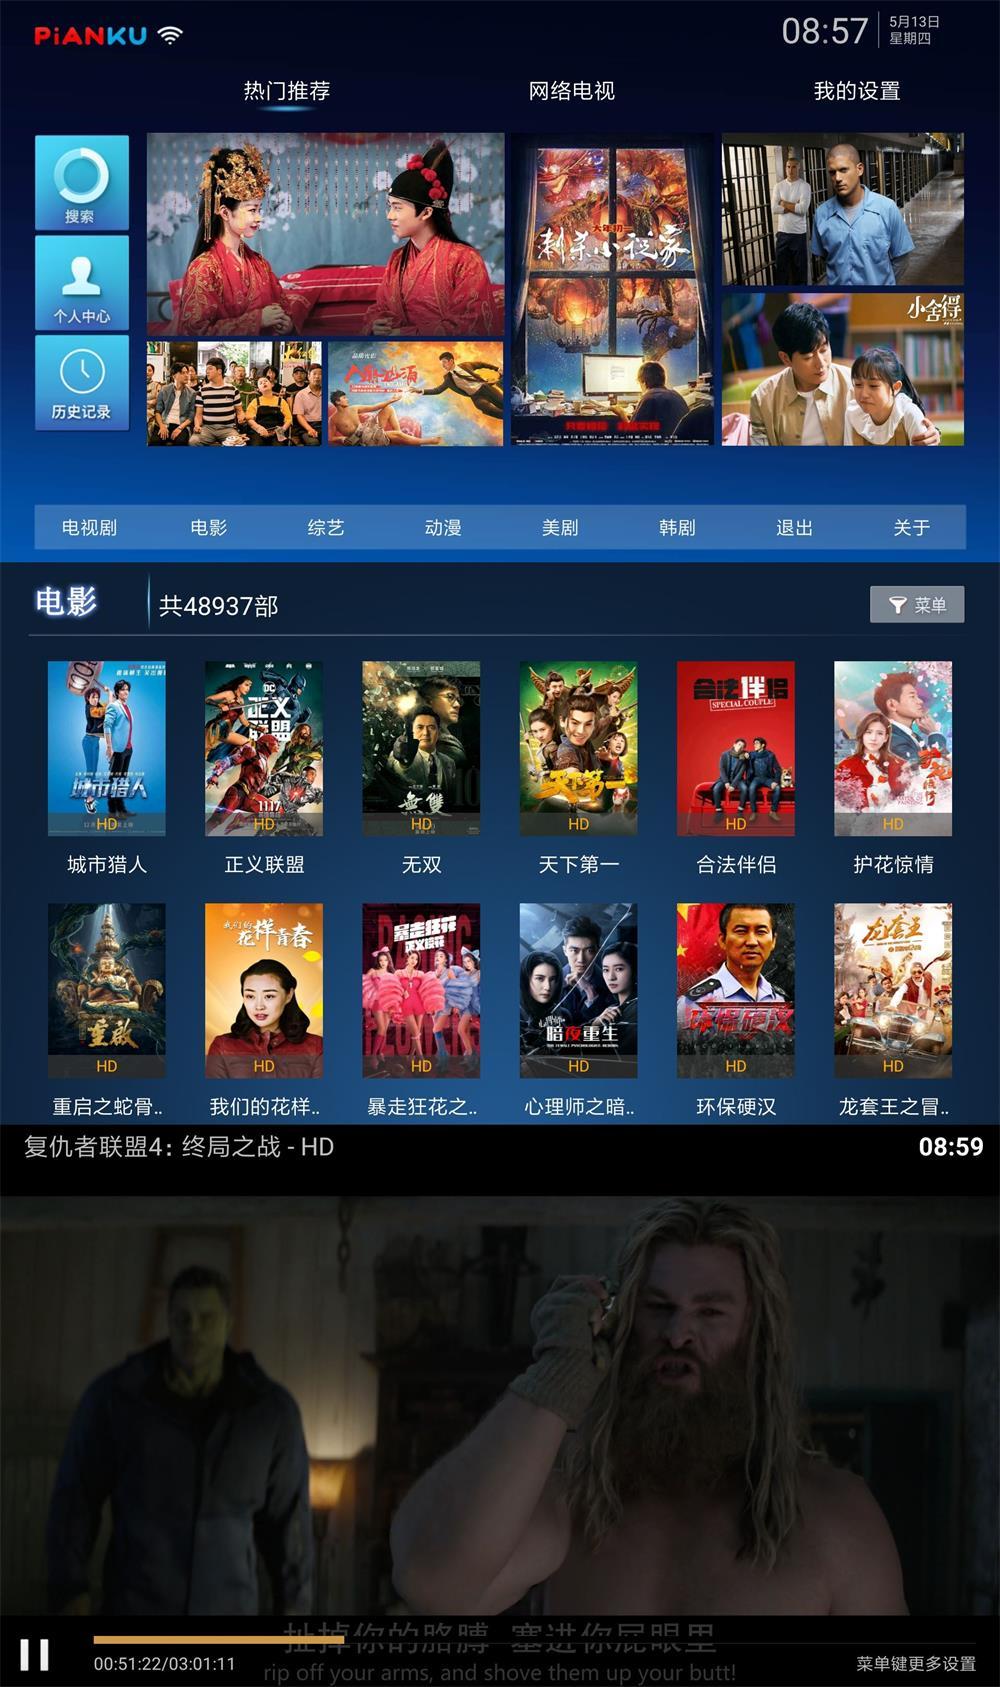 盒子片库TV v3.0.4无广告